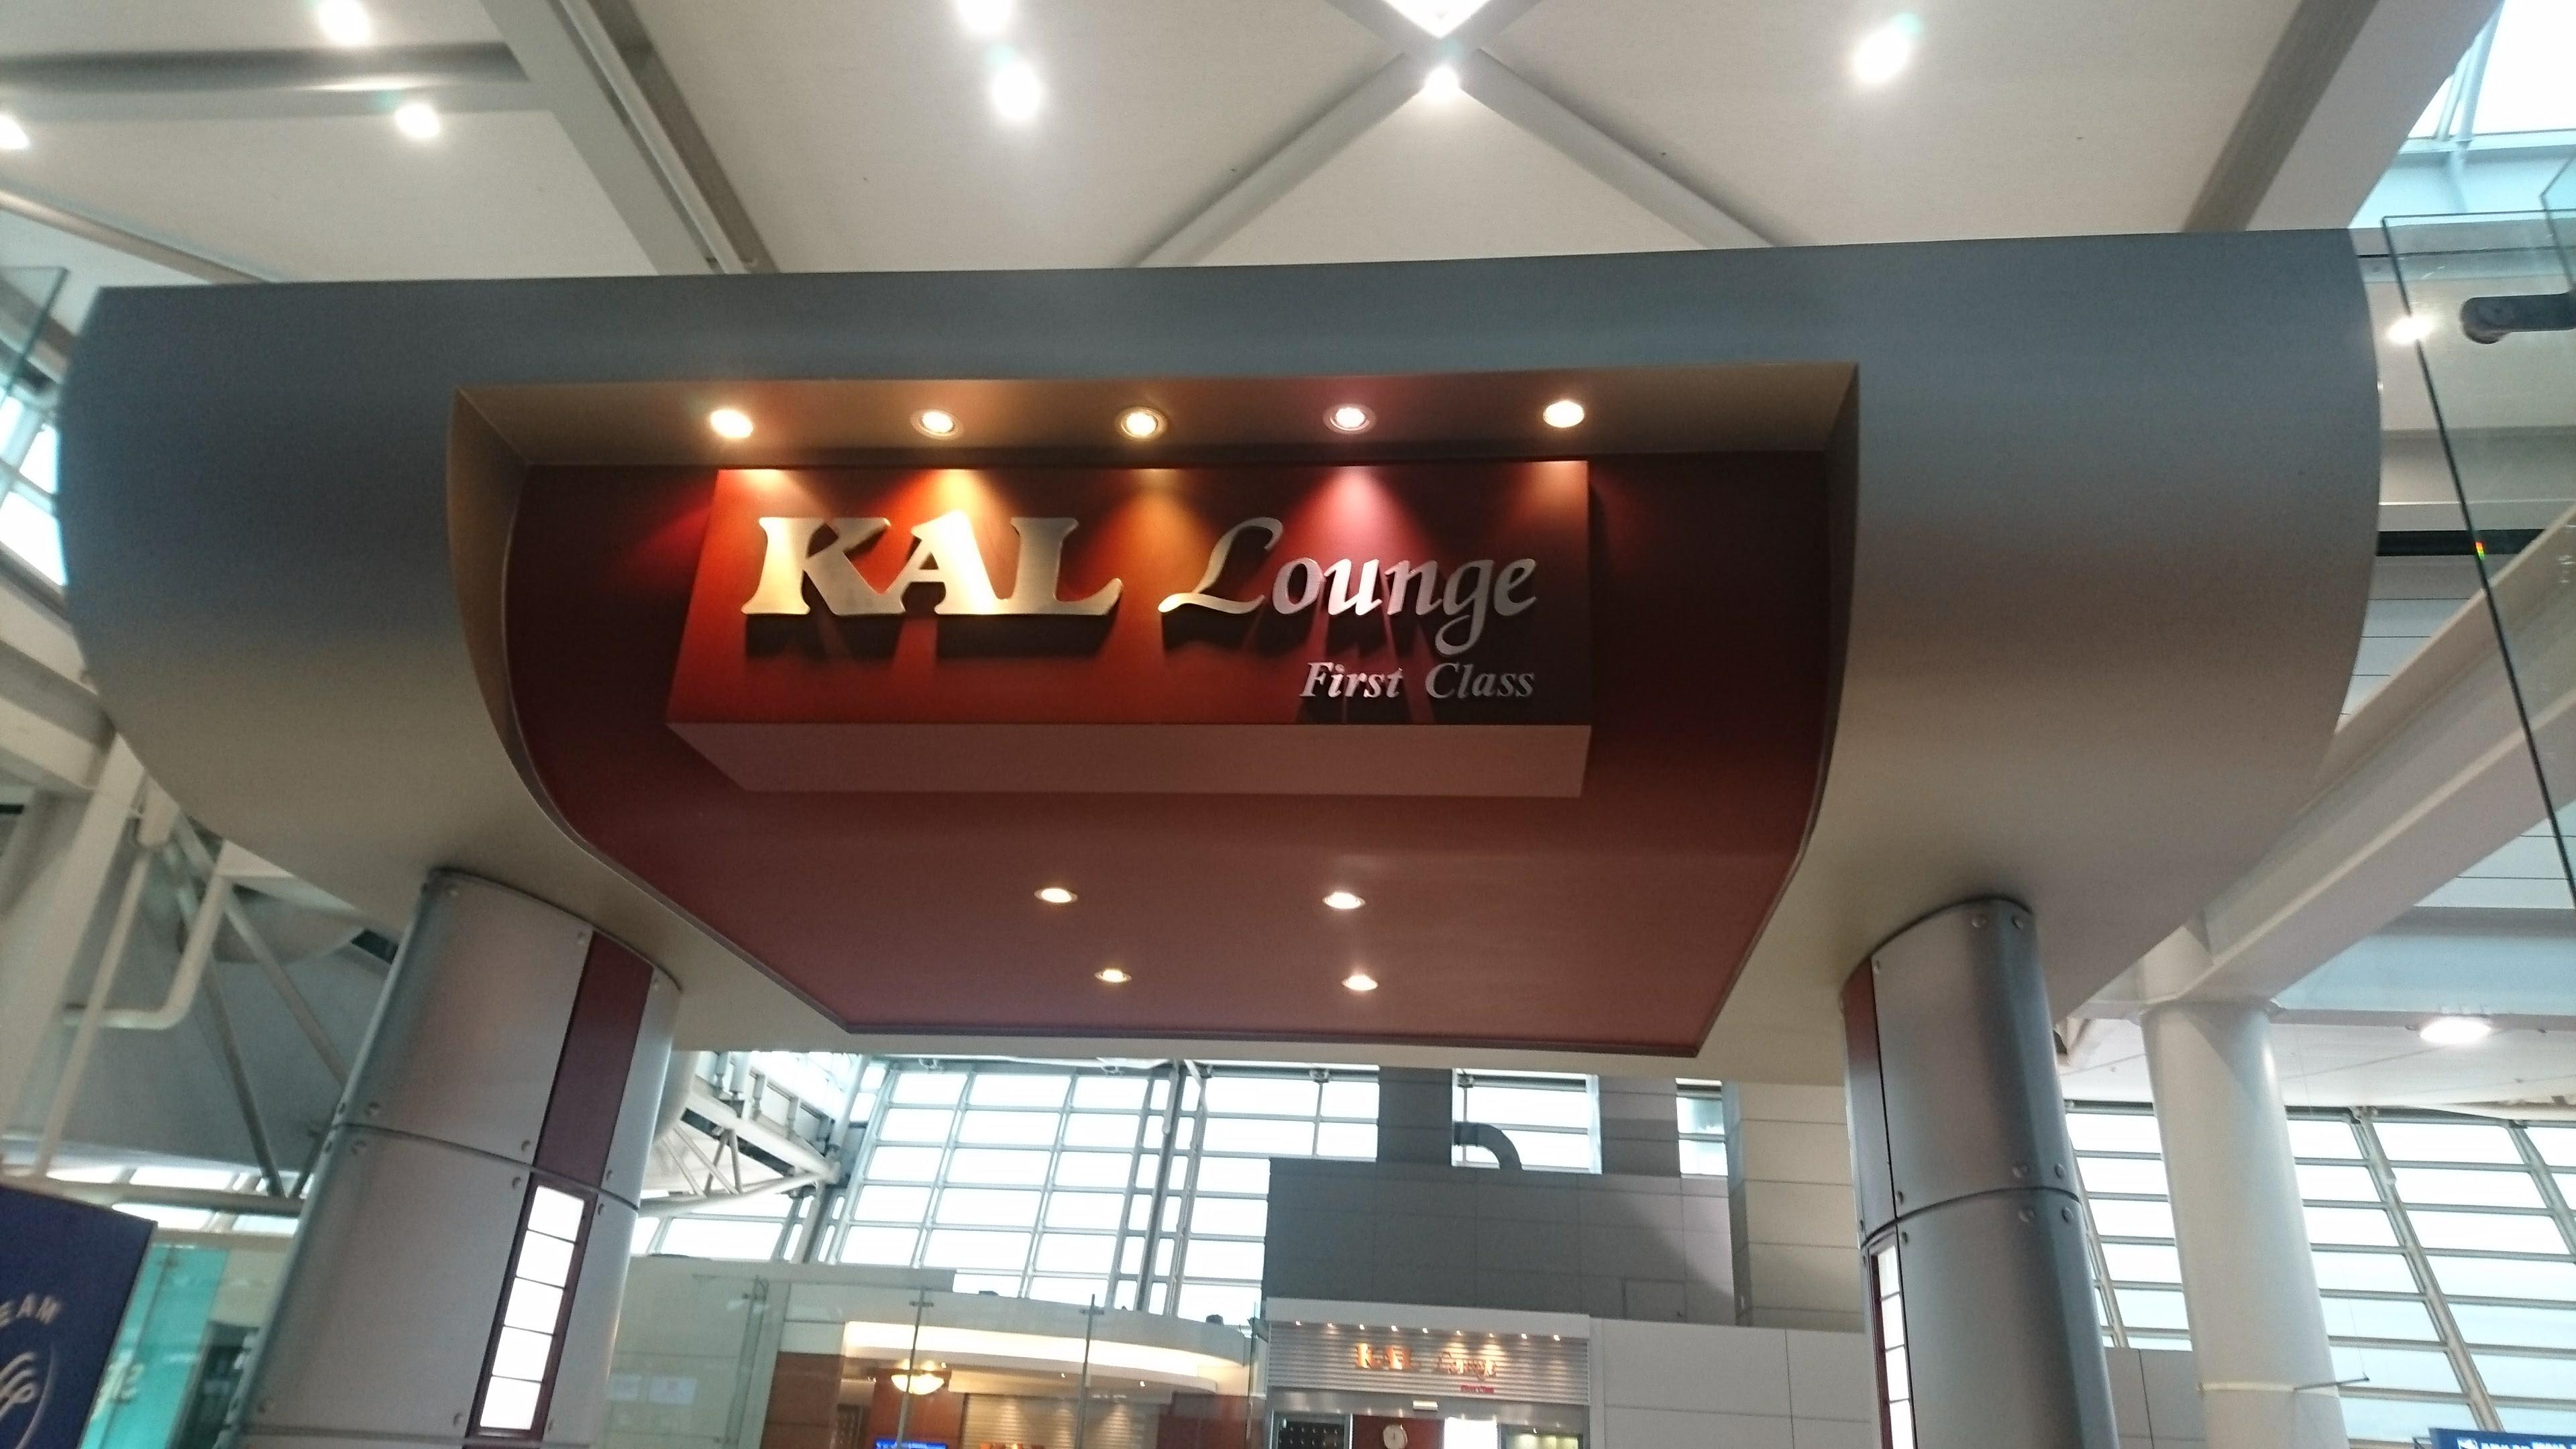 KAL LOUNGE(FIRST CLASS)